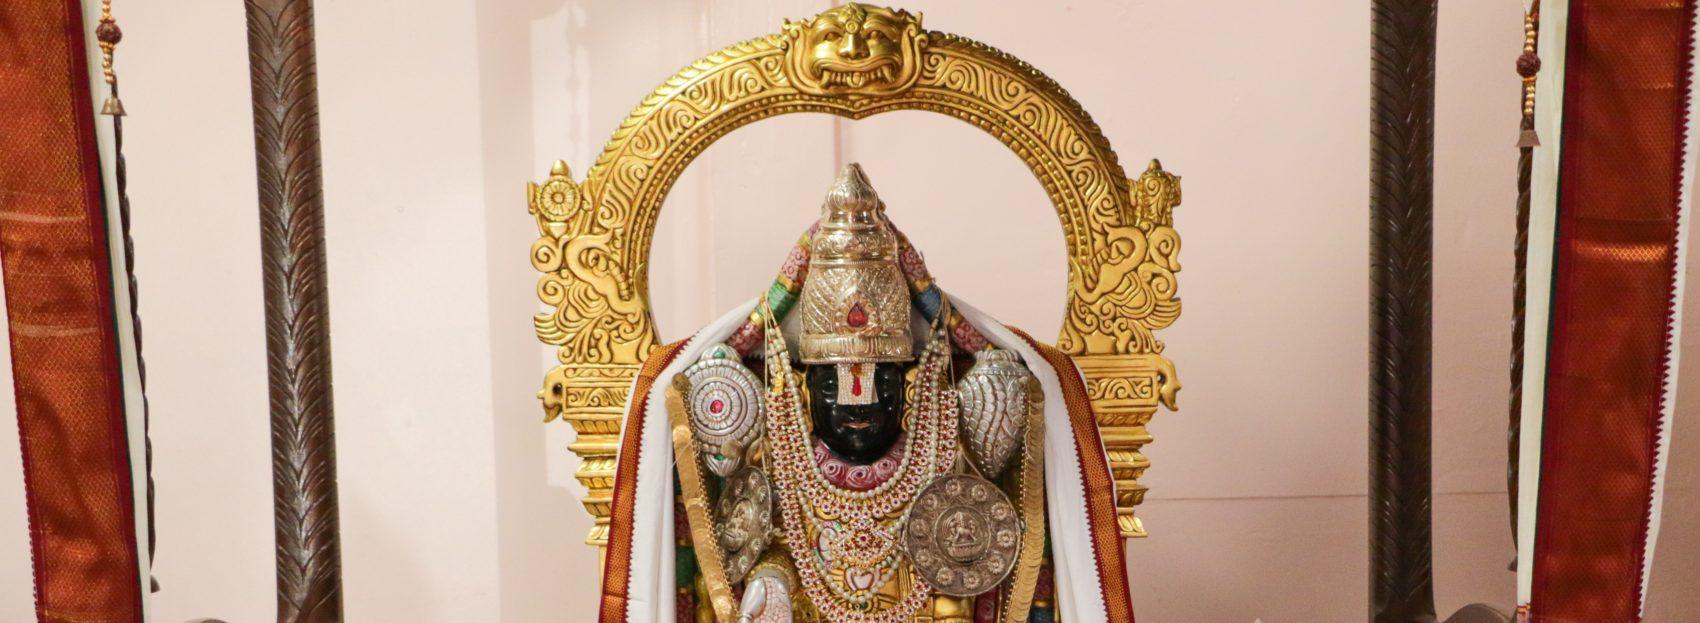 Sri Venkateshwara Abhishekam